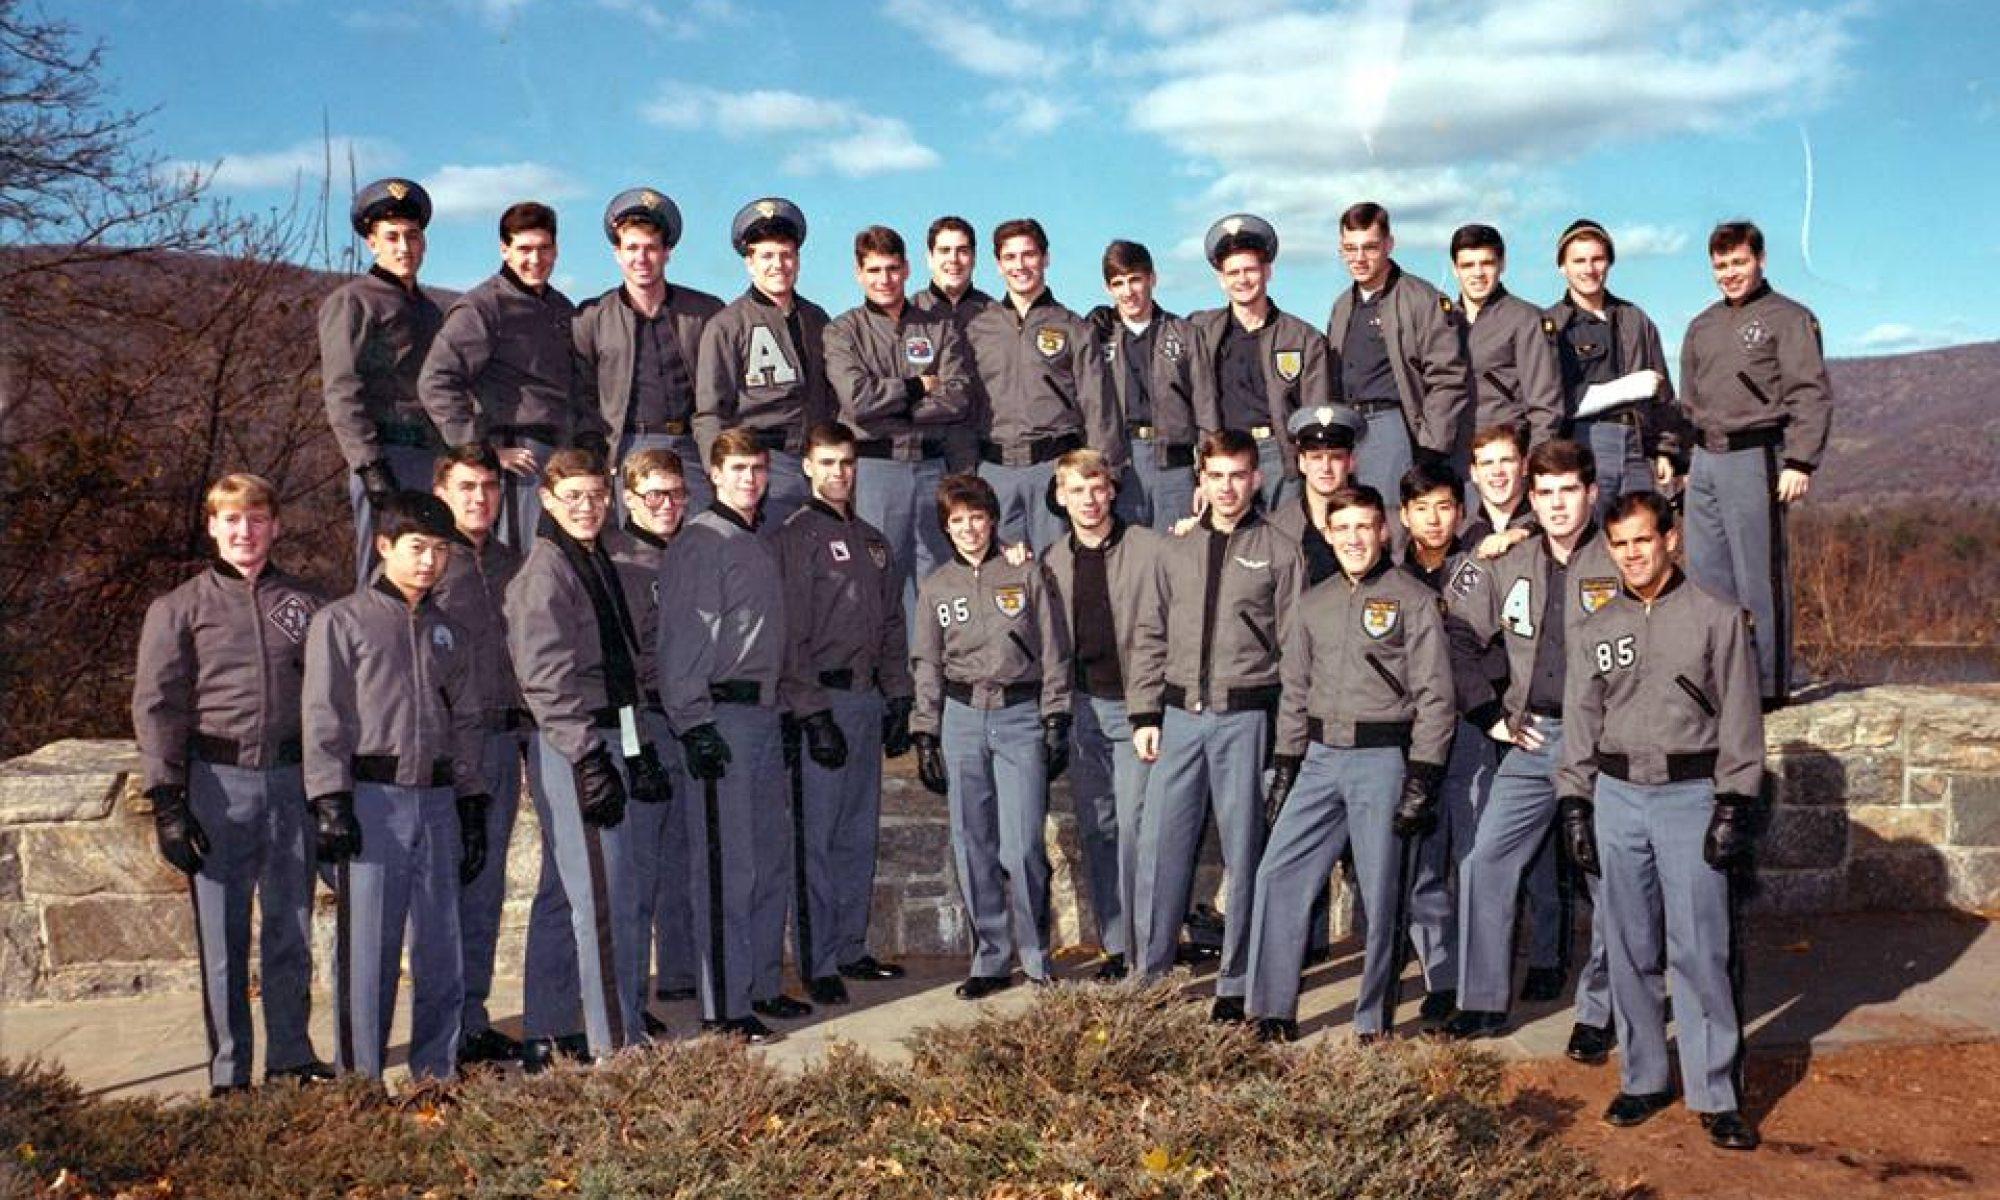 Company A-4, USMA '85